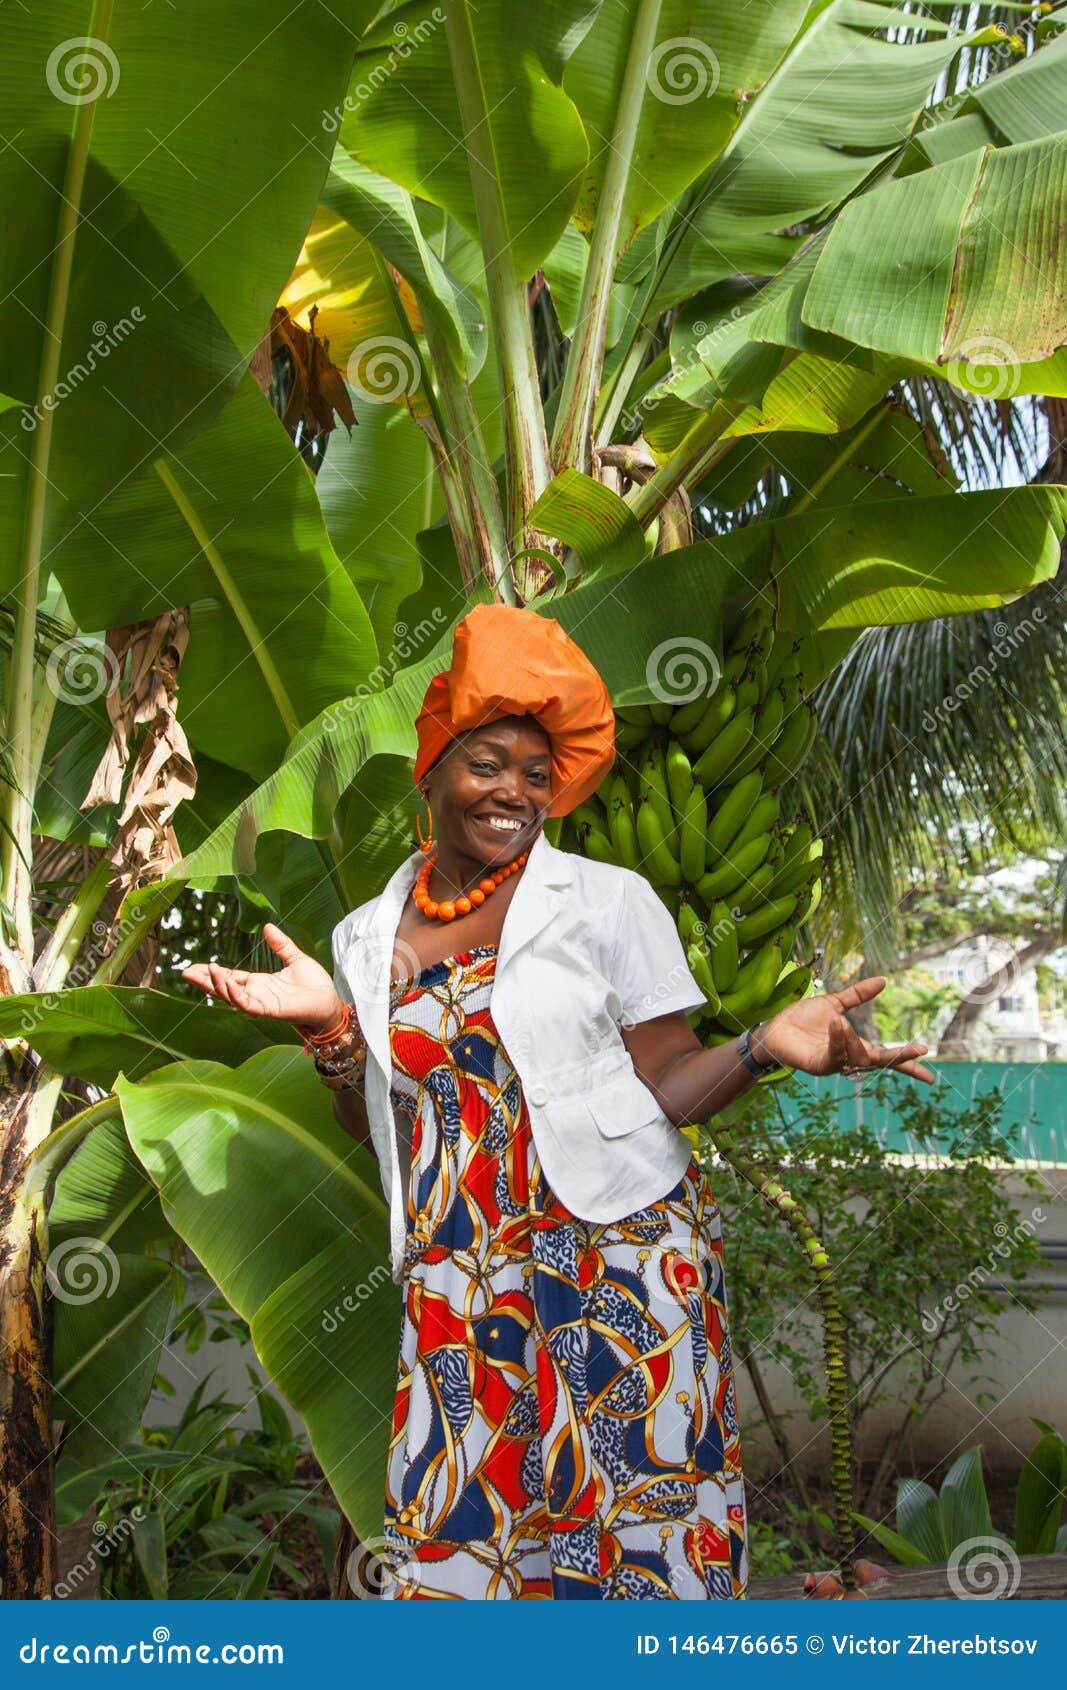 Το κάθετο πλήρες σώμα μιας χαρούμενης γυναίκας αφροαμερικάνων που φορά ένα φωτεινό ζωηρόχρωμο εθνικό φόρεμα θέτει